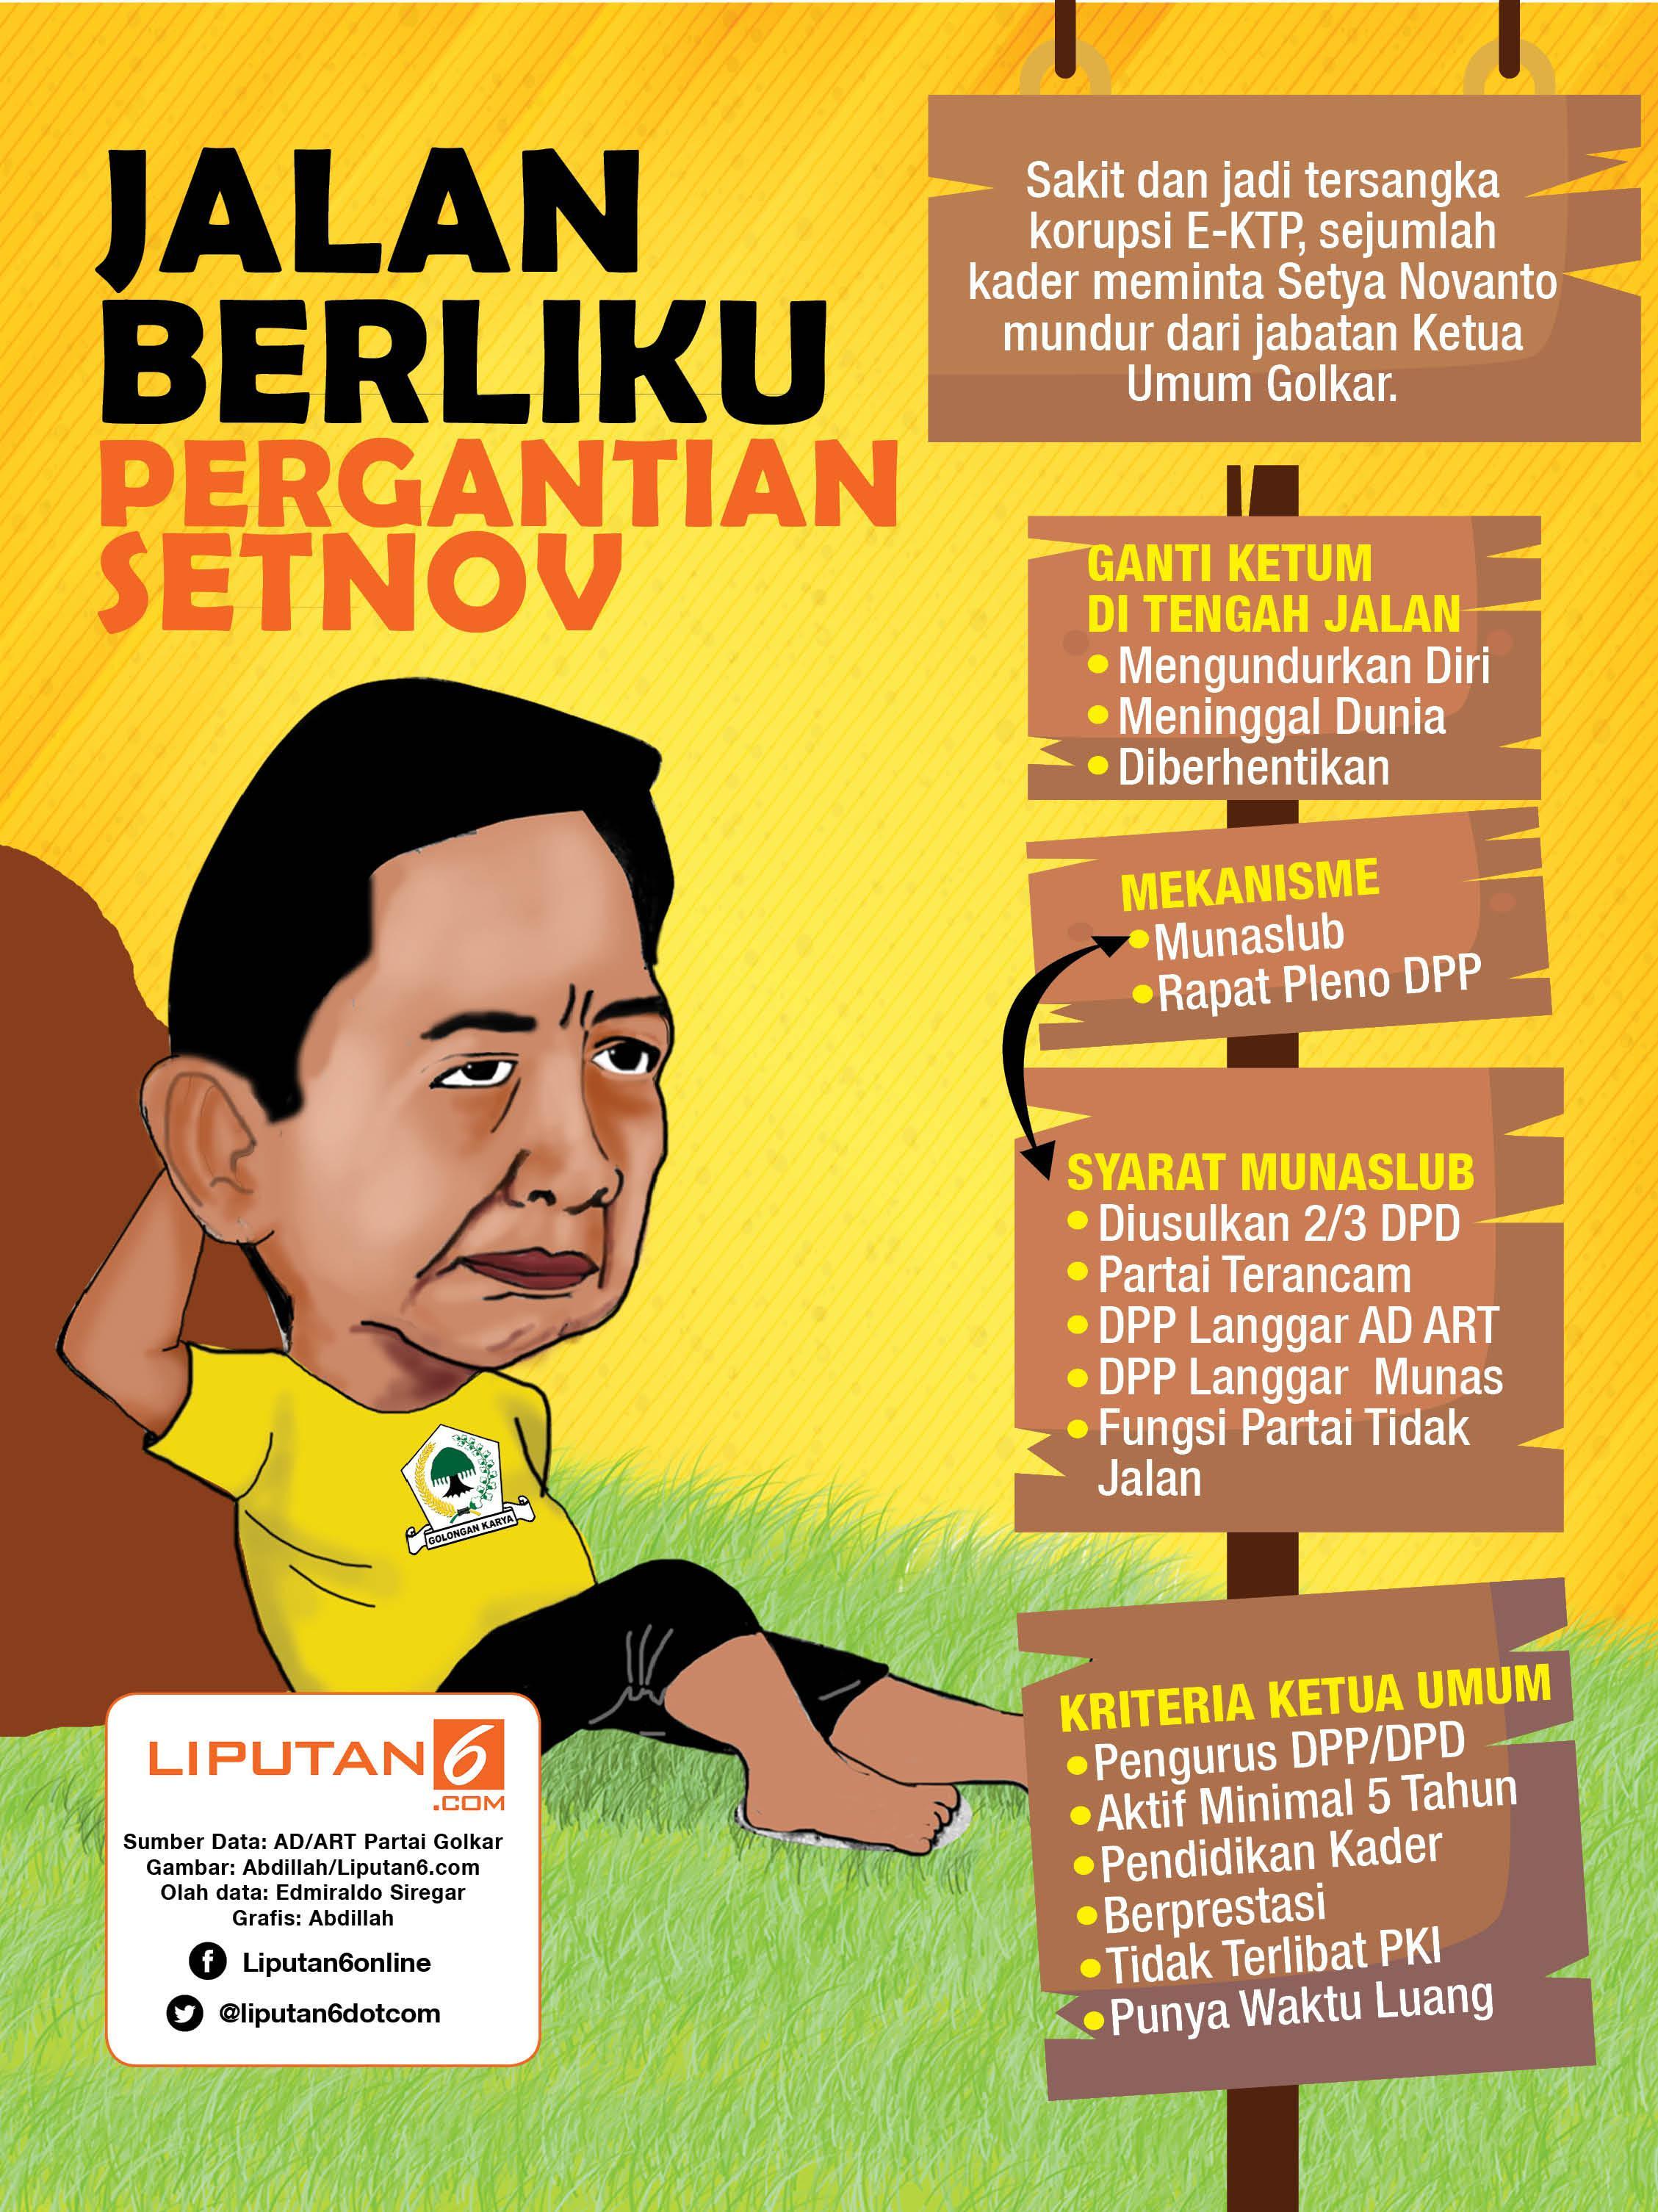 infografis Jalan Berliku Pergantian Setnov